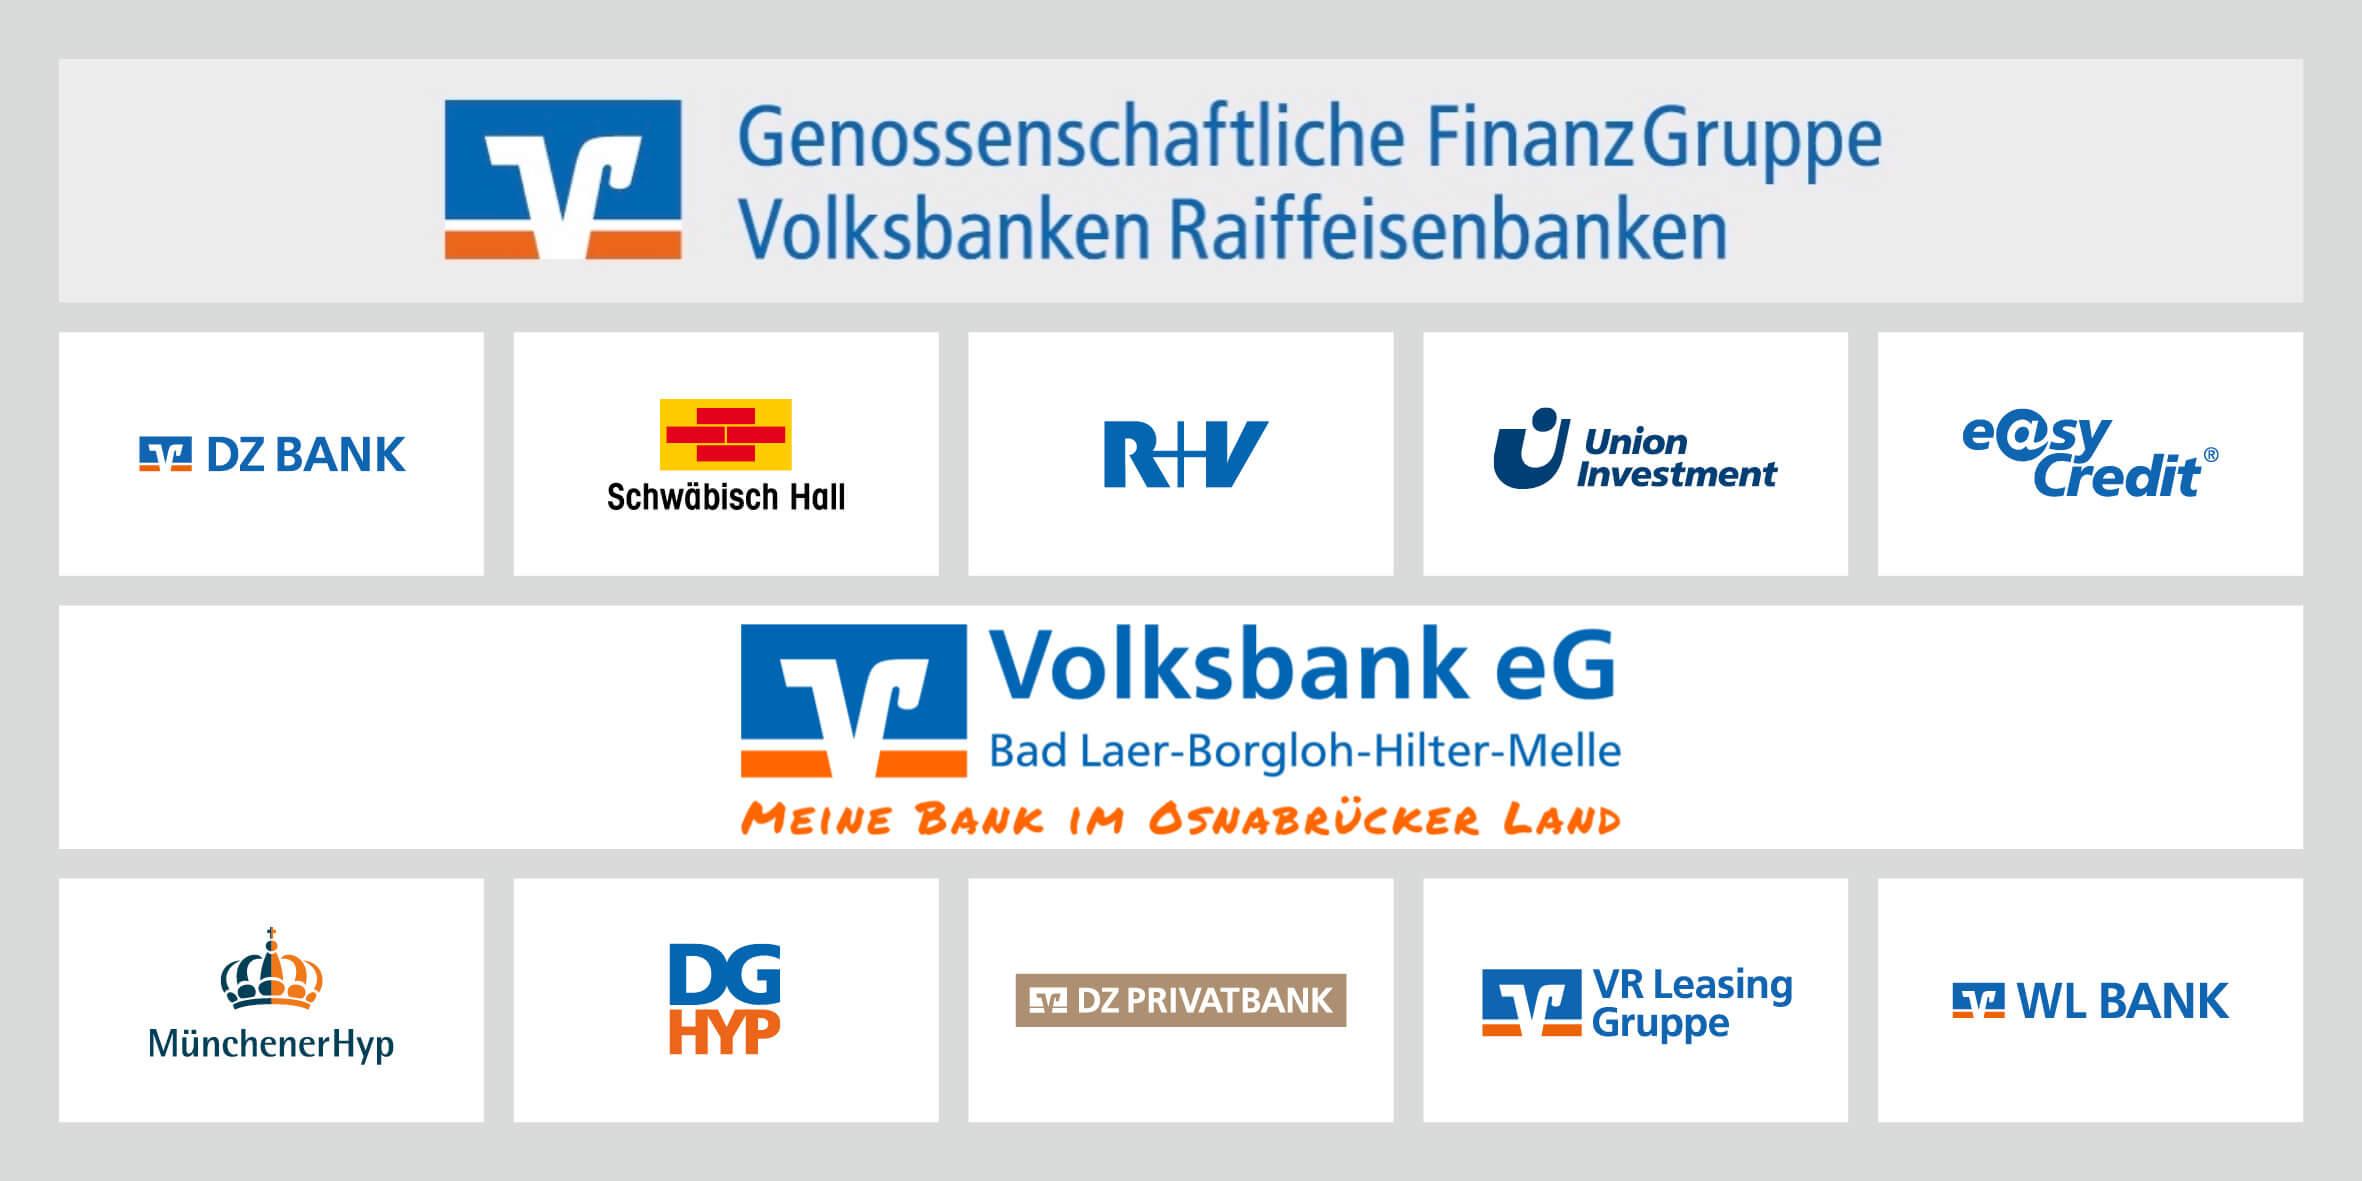 #Genossenschaftliche FinanzGruppe